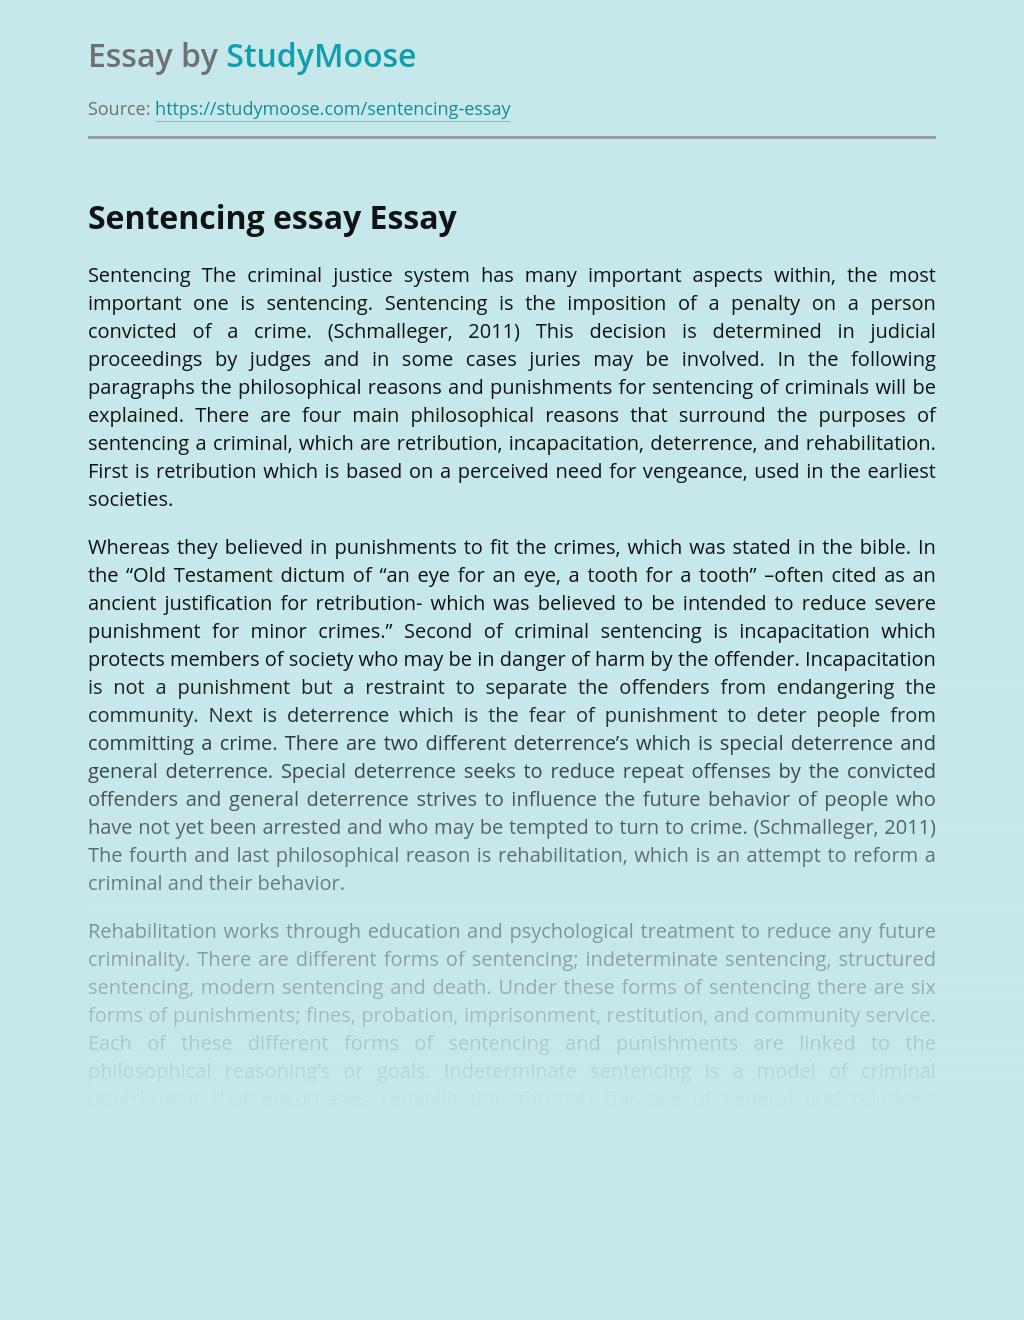 Sentencing essay